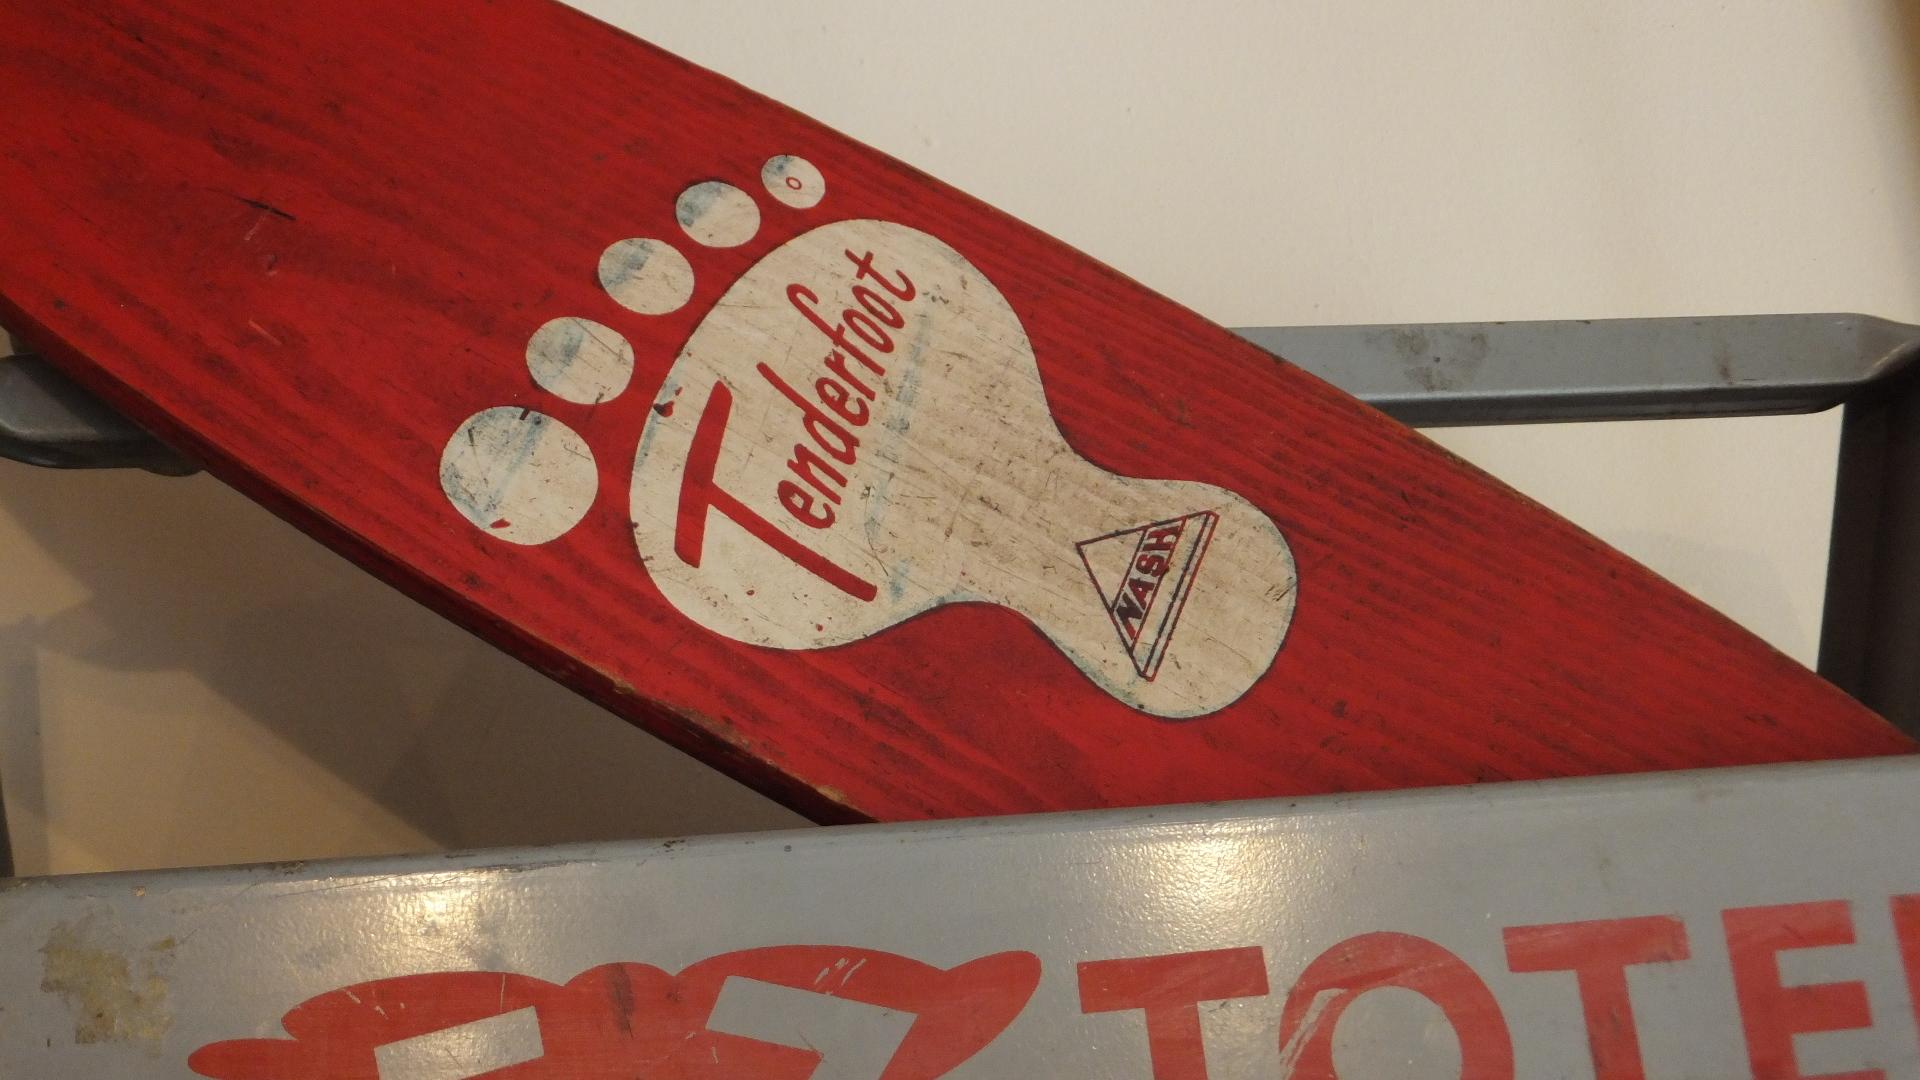 201708 アメリカンヴィンテージ買付け スケボー Nash Tenderfoot Vintage Skateboard